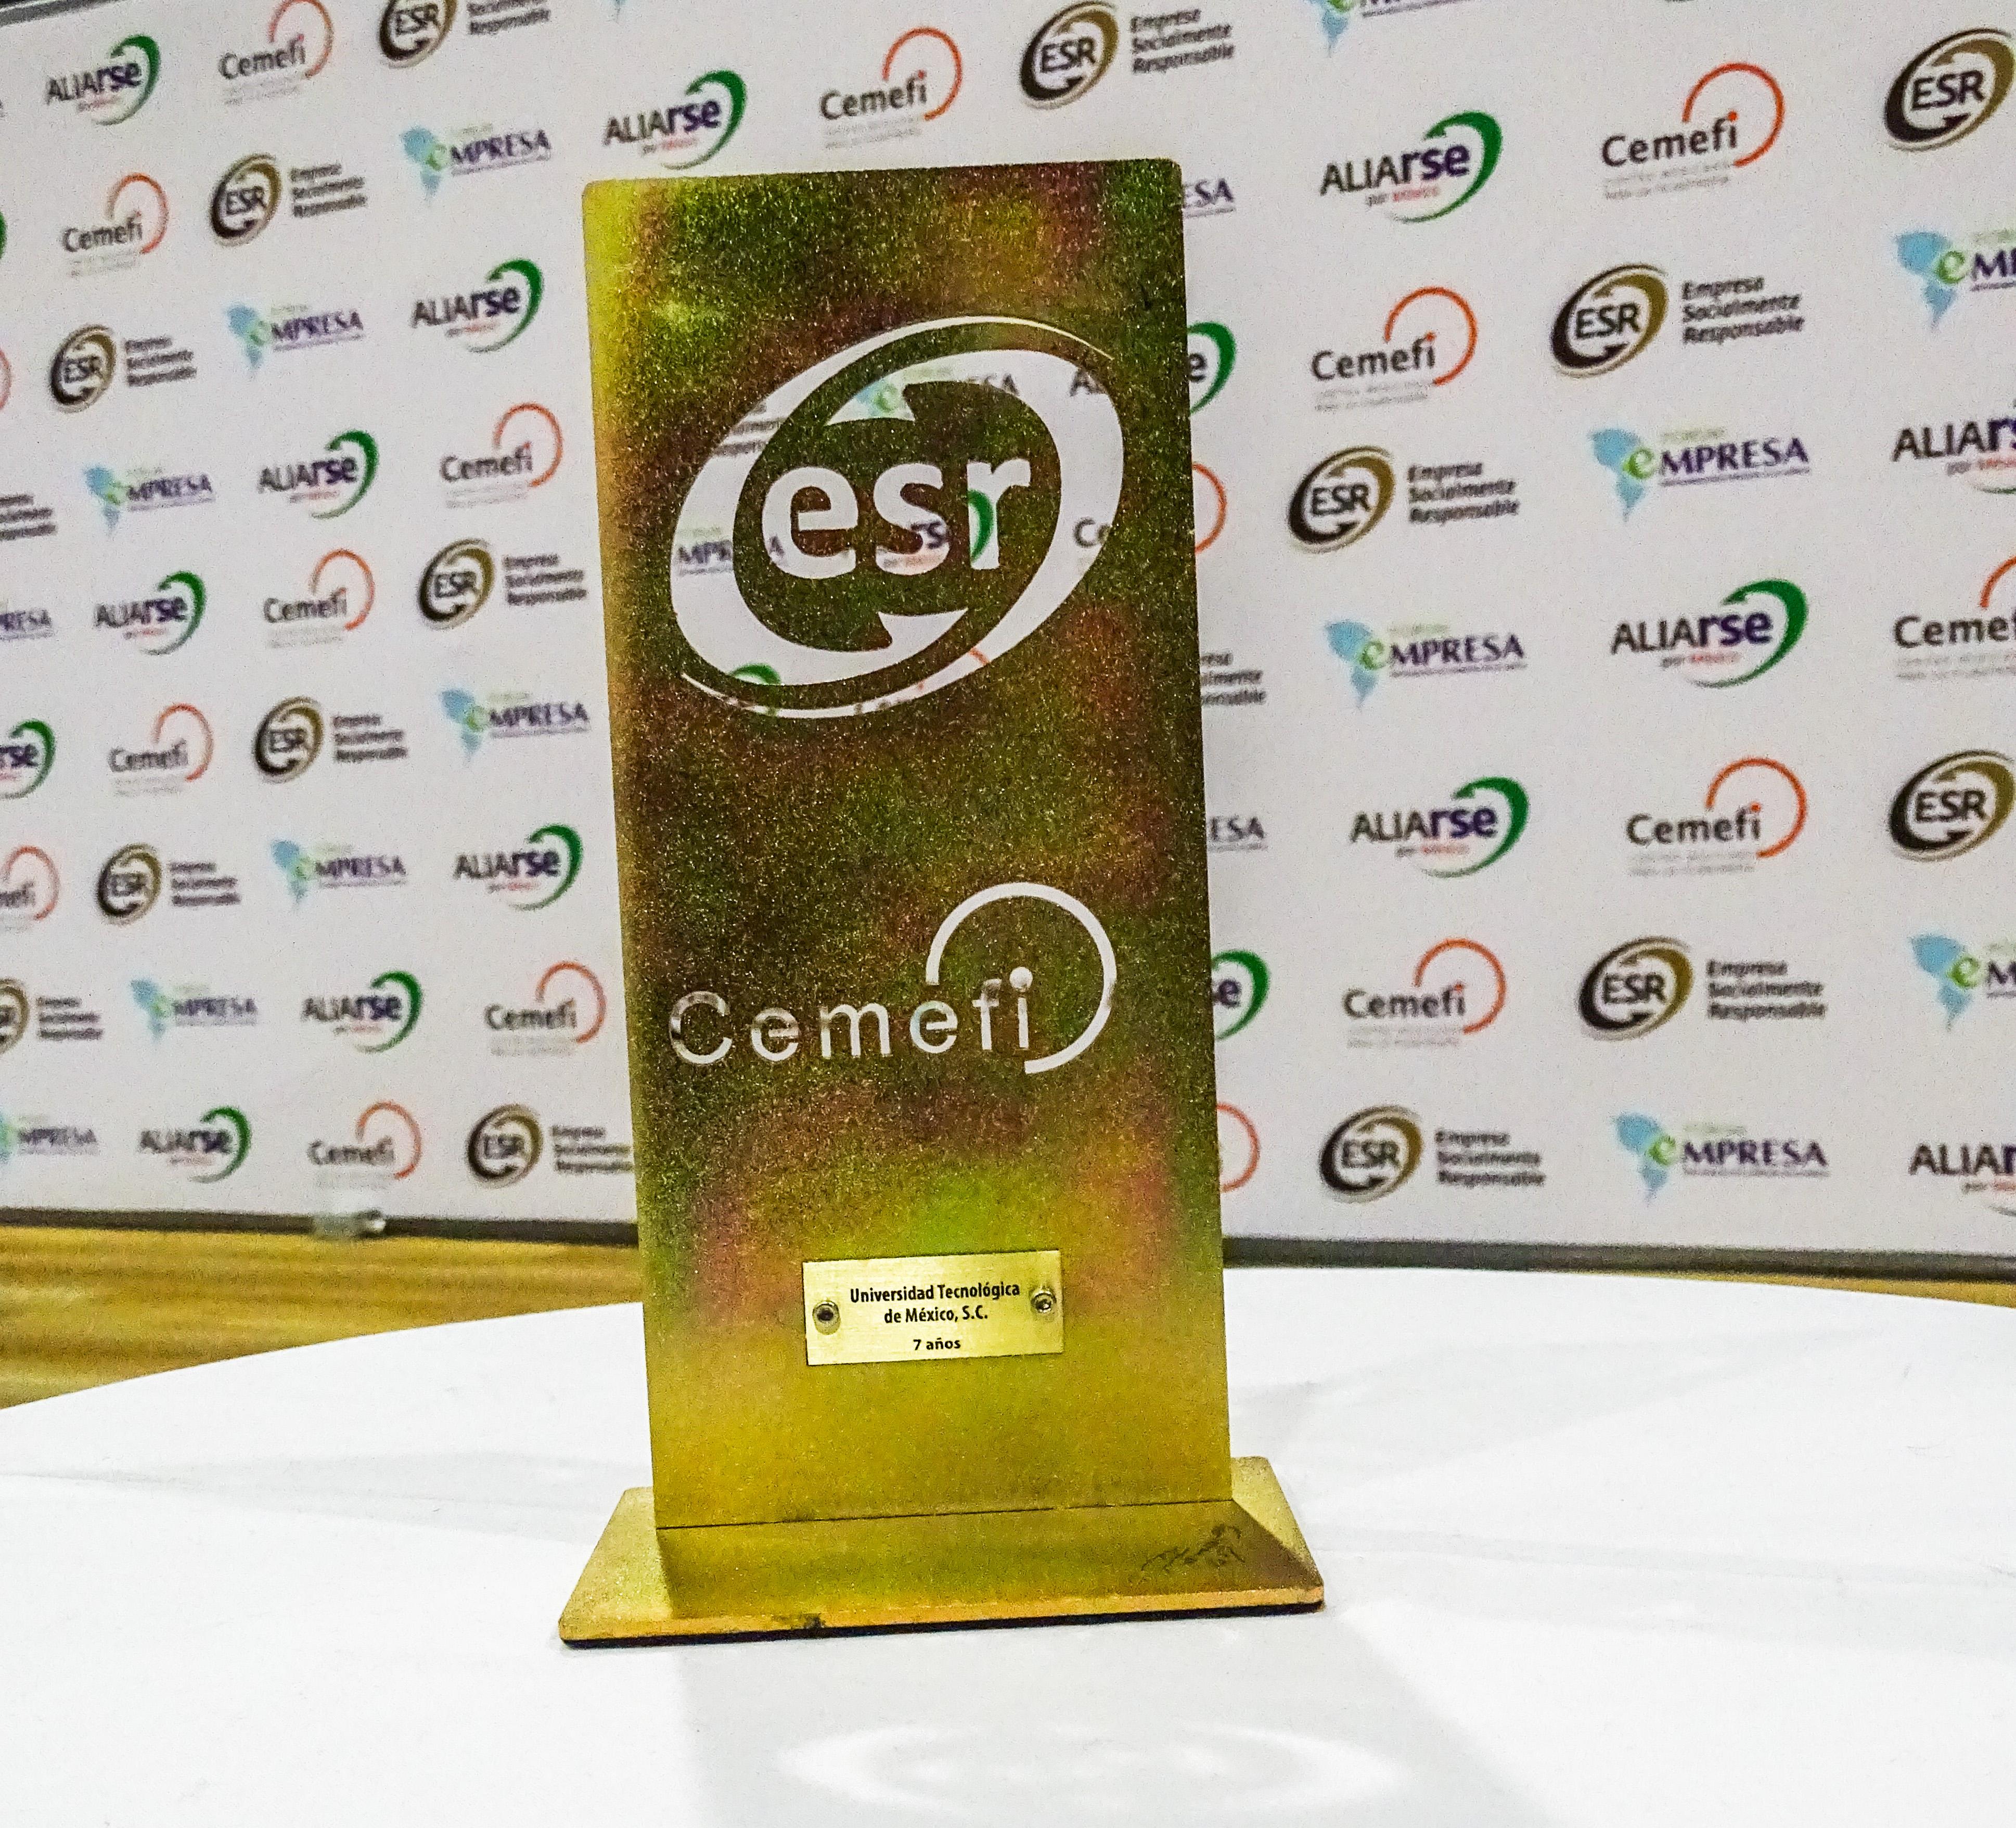 La UNITEC cumple 7 años como ESR. ¡Gracias por ser parte de este logro!